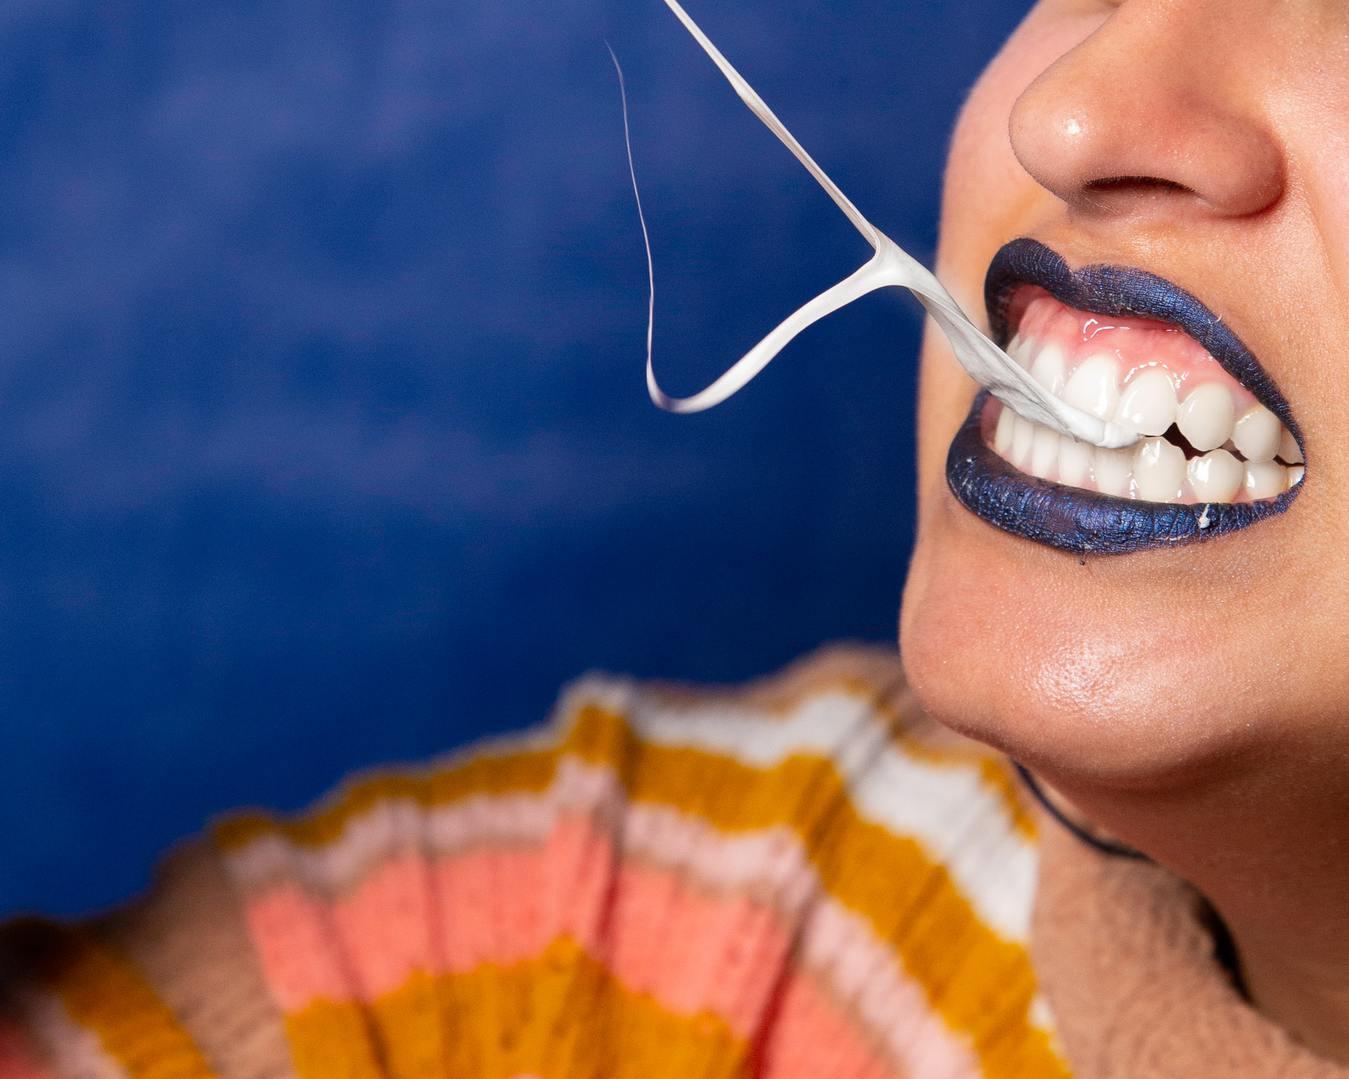 Wanita berlipstik biru mengunyah permen karet